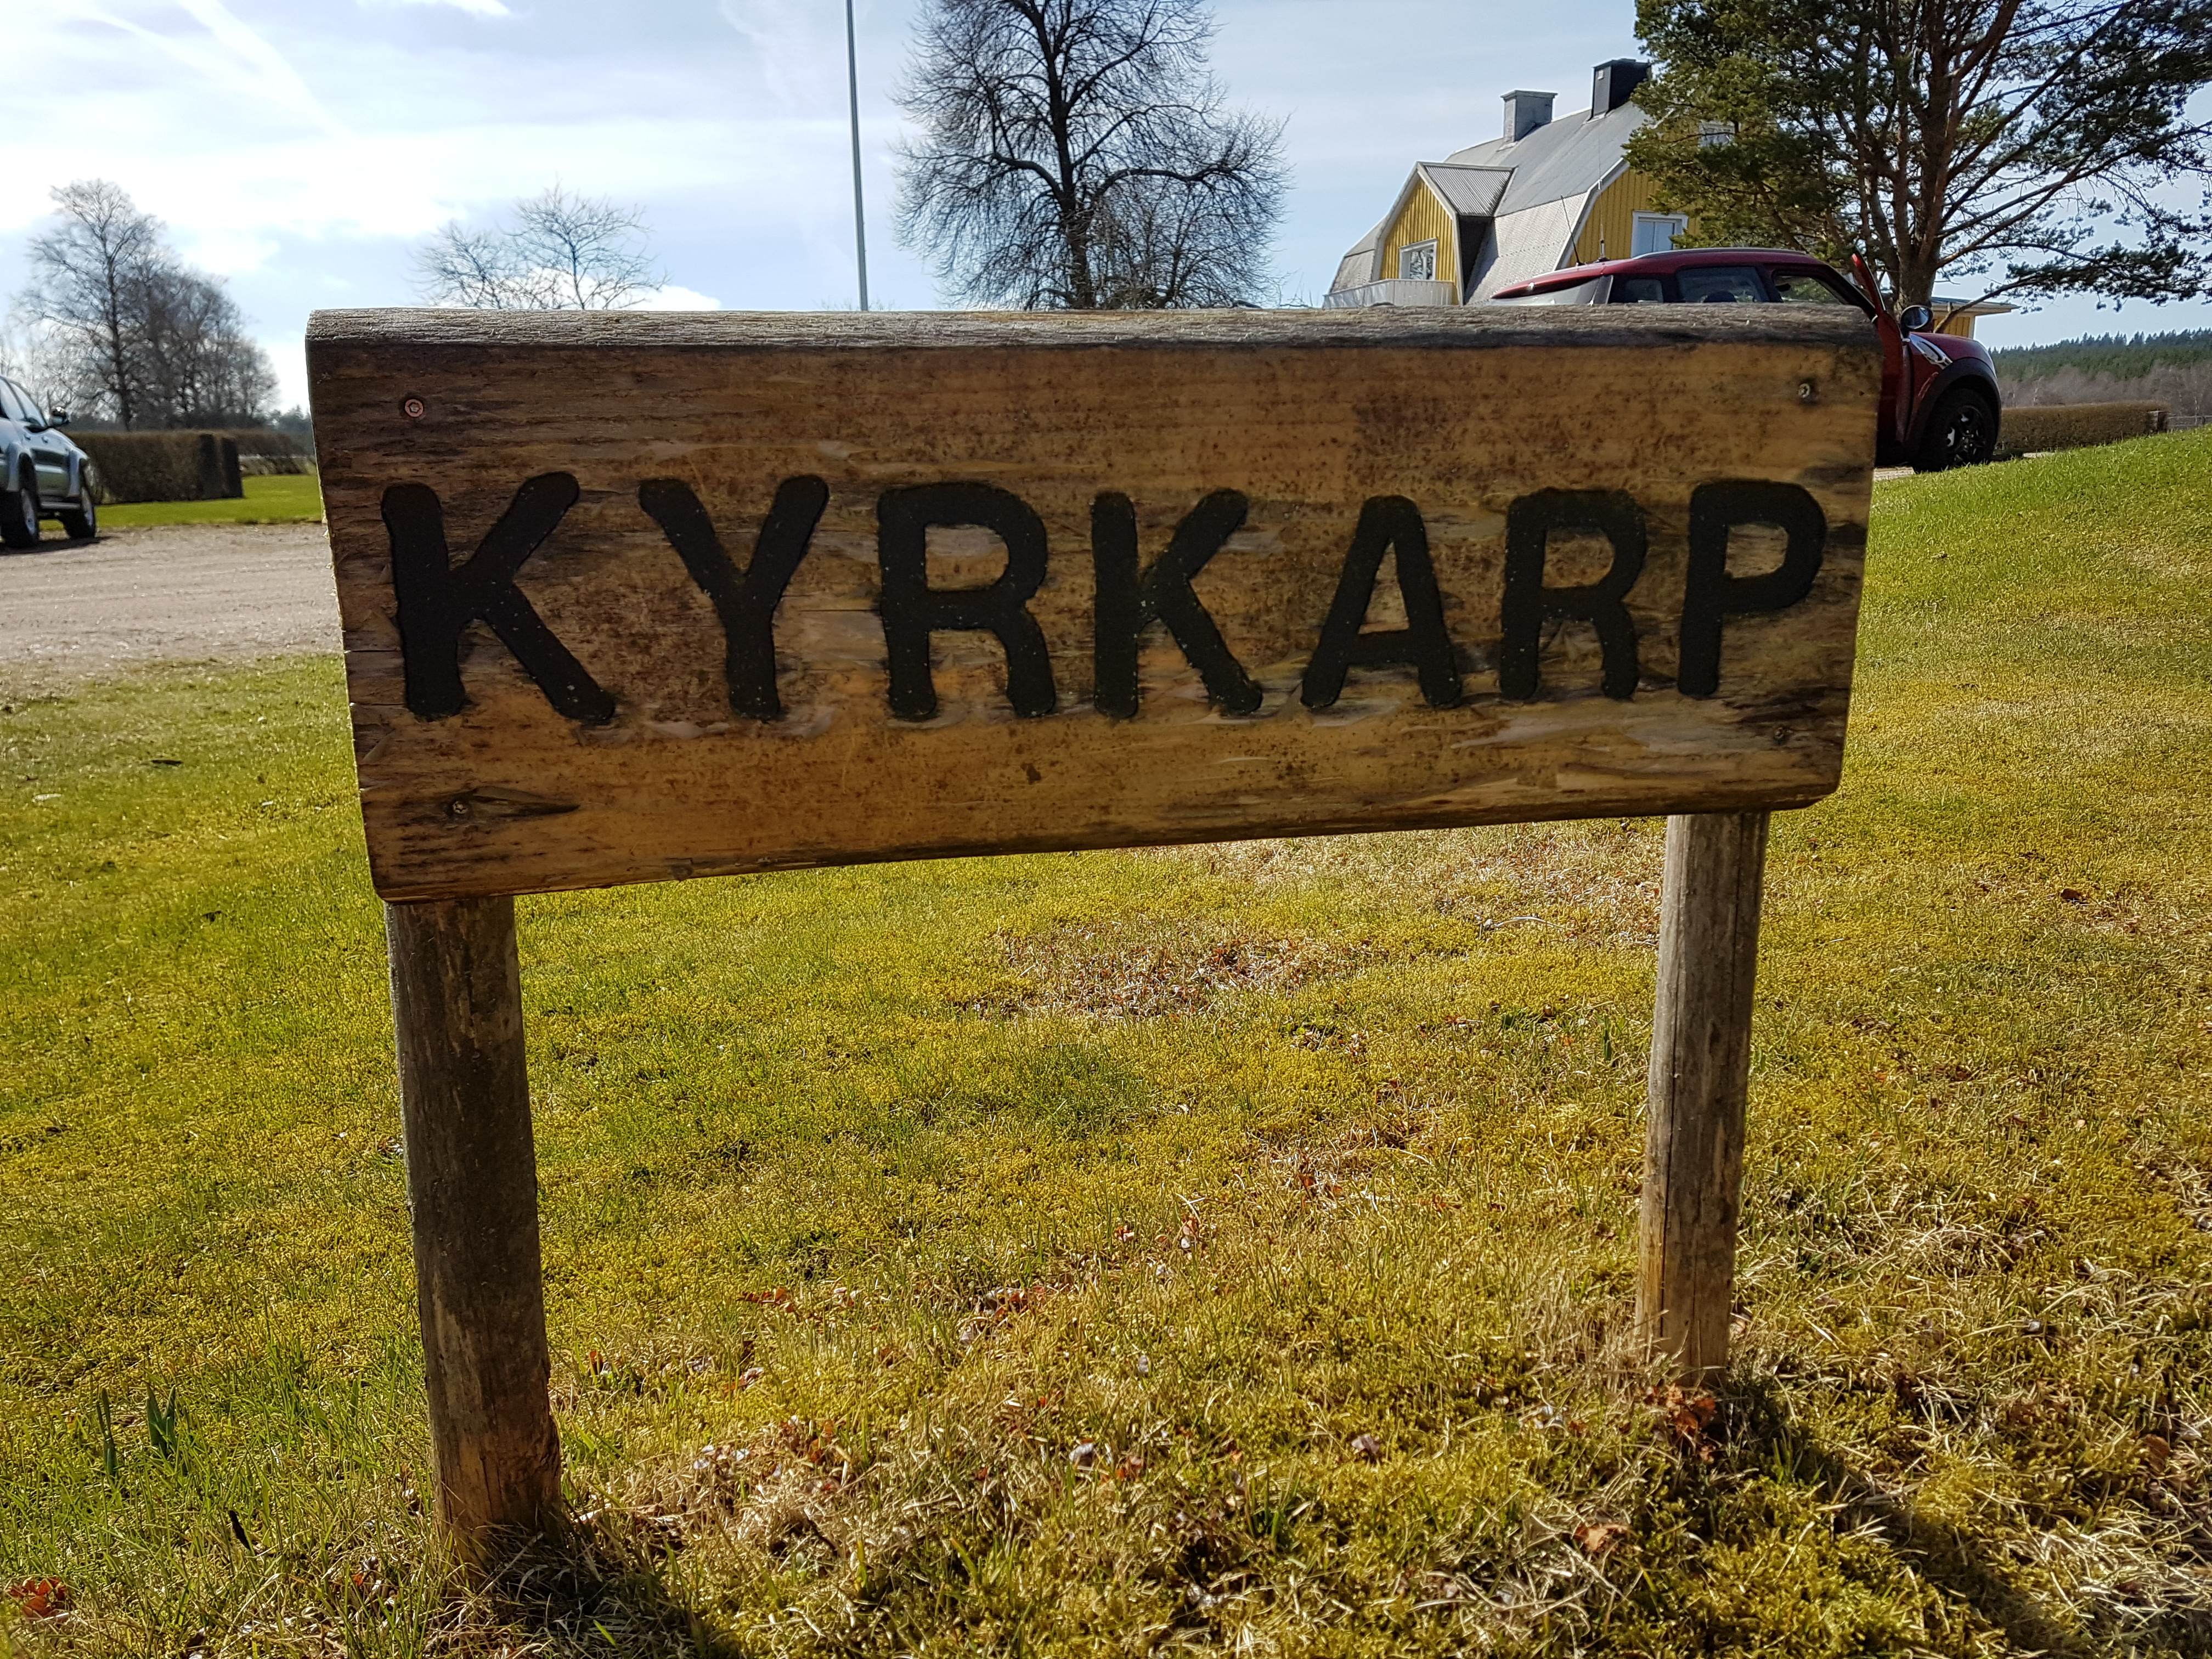 Kyrkarp